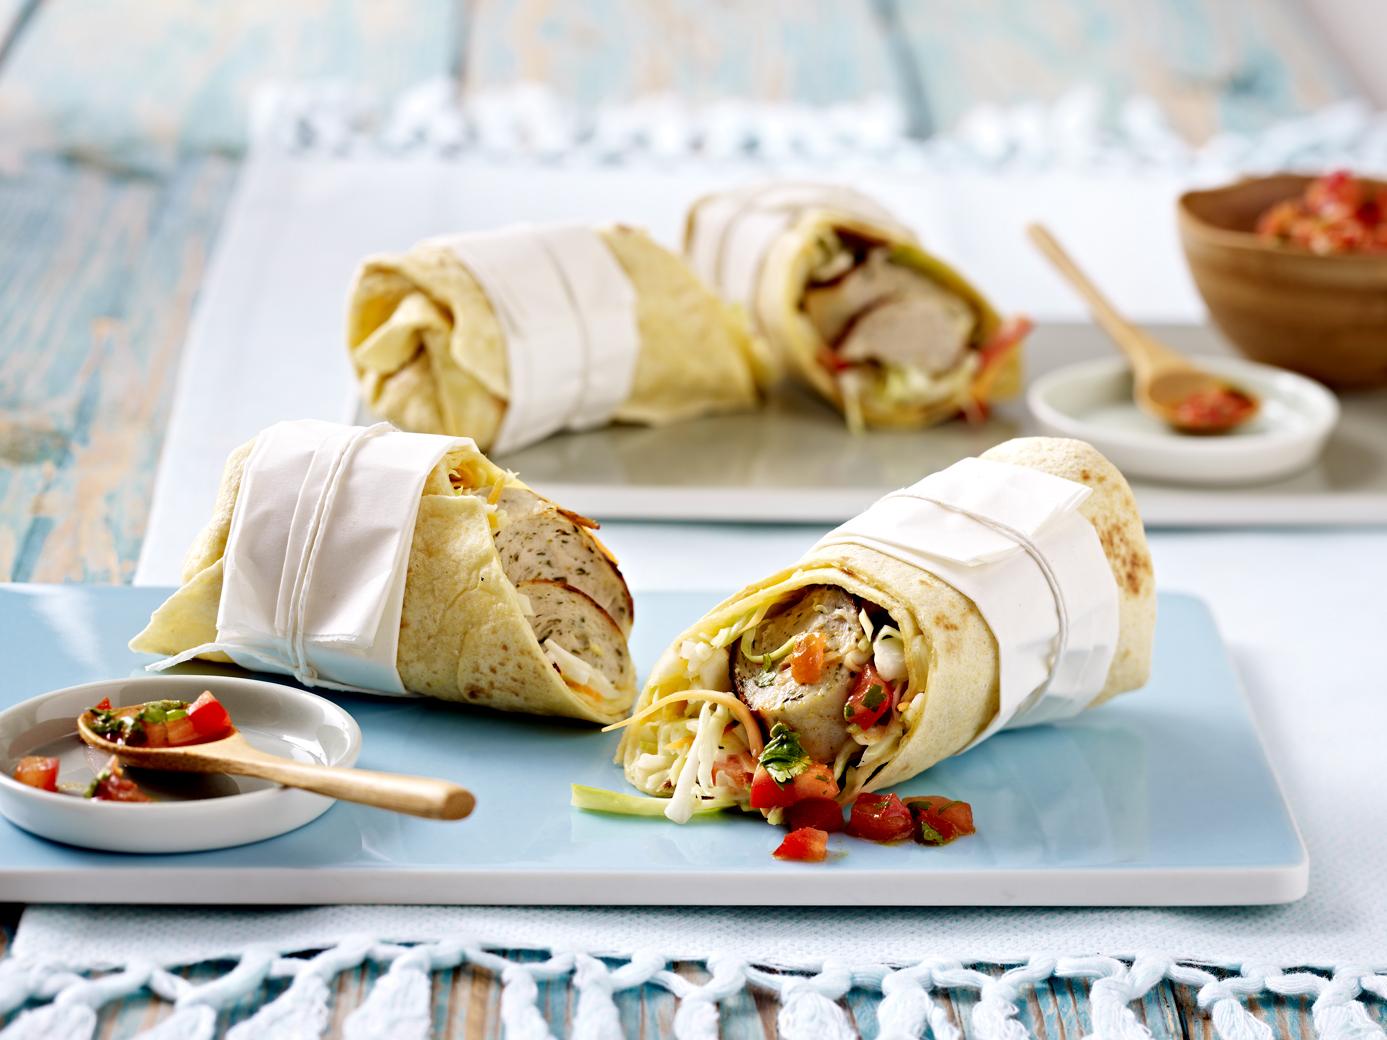 Zwiebelbratwurst-Wrap mit Coleslaw und Tomaten-Curry-Salsa